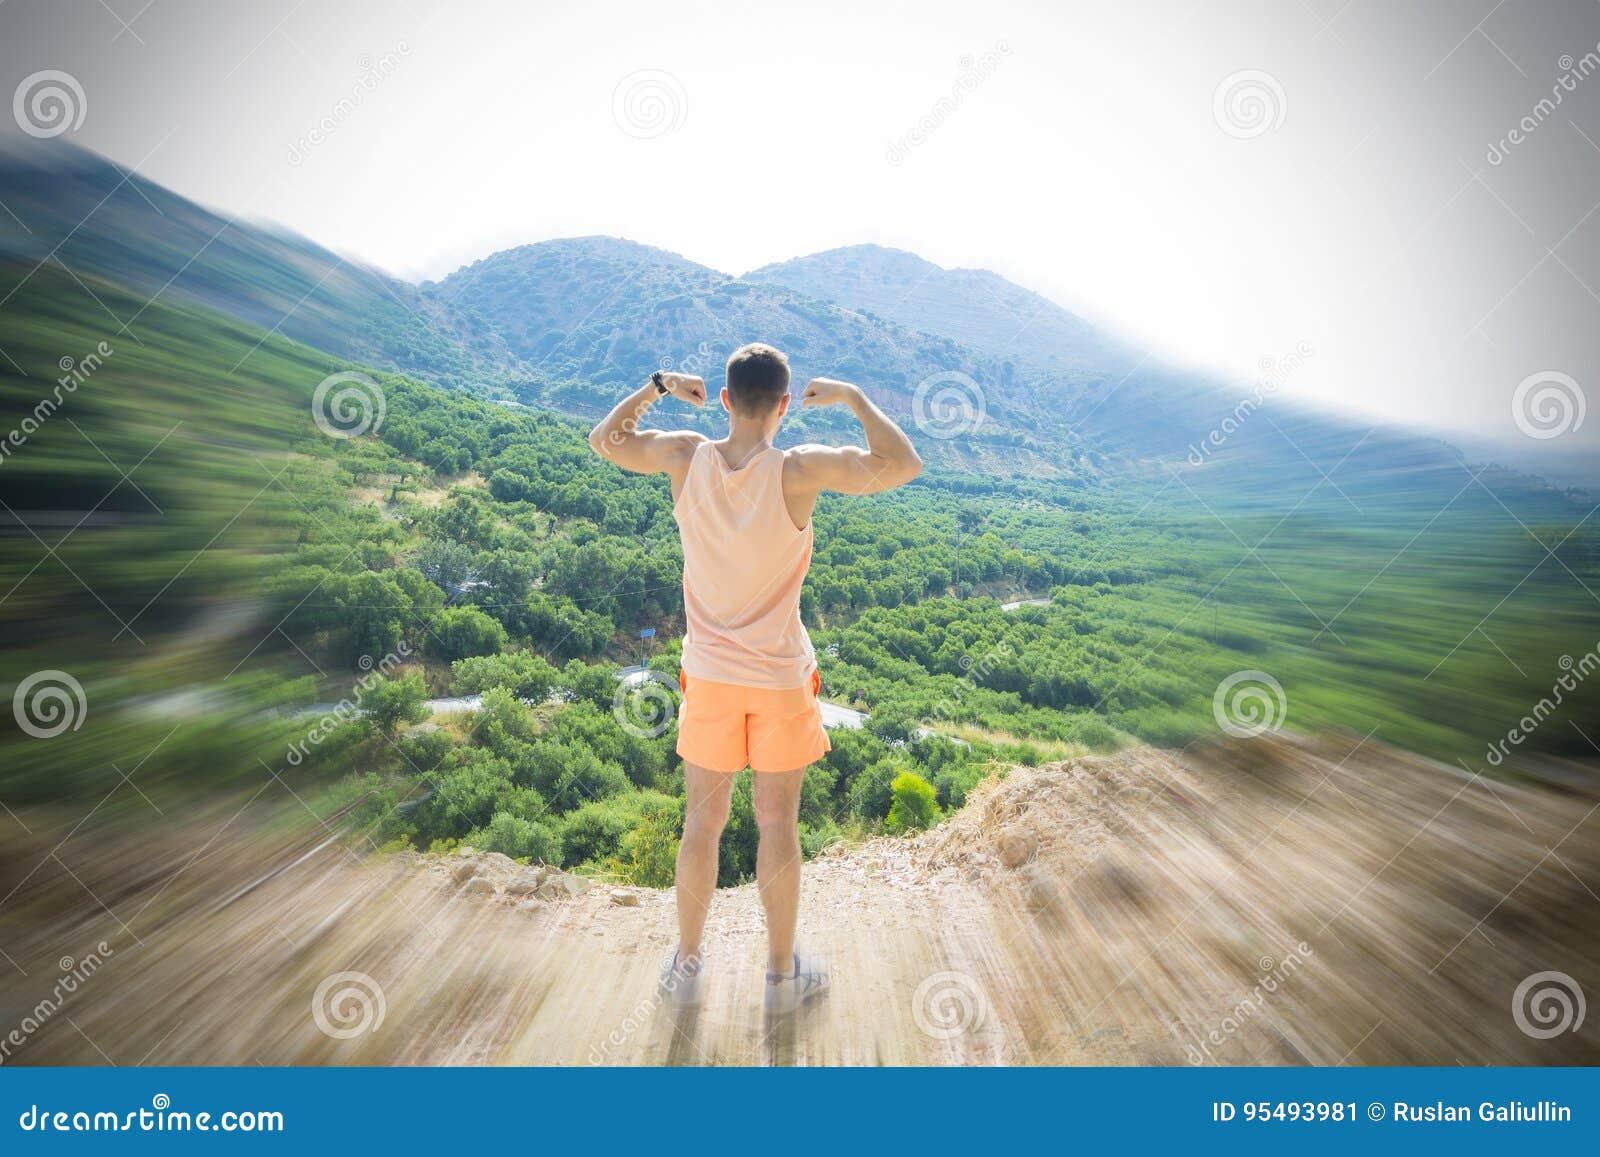 人在山的上面的优胜者姿势站立 领导、力量、信心和自由的概念